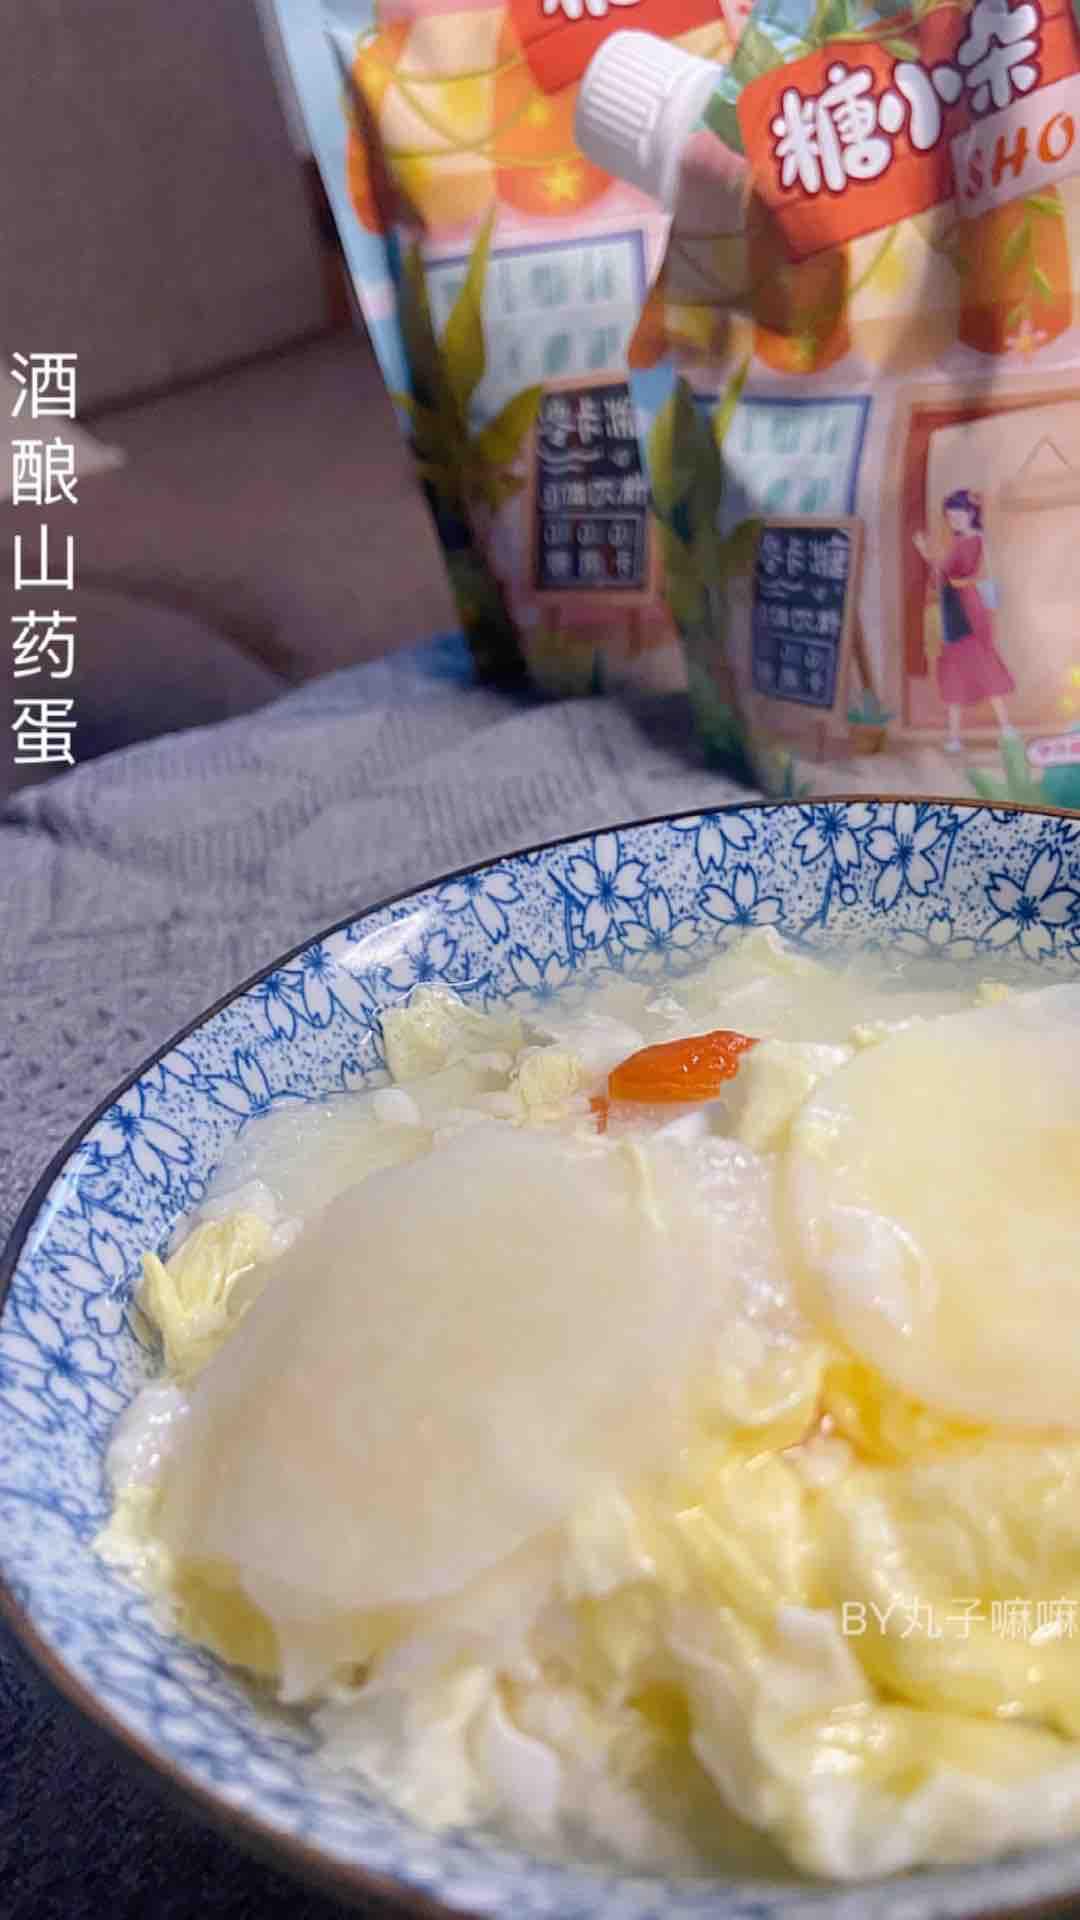 低卡低脂高蛋白快手早餐——酒酿山药蛋